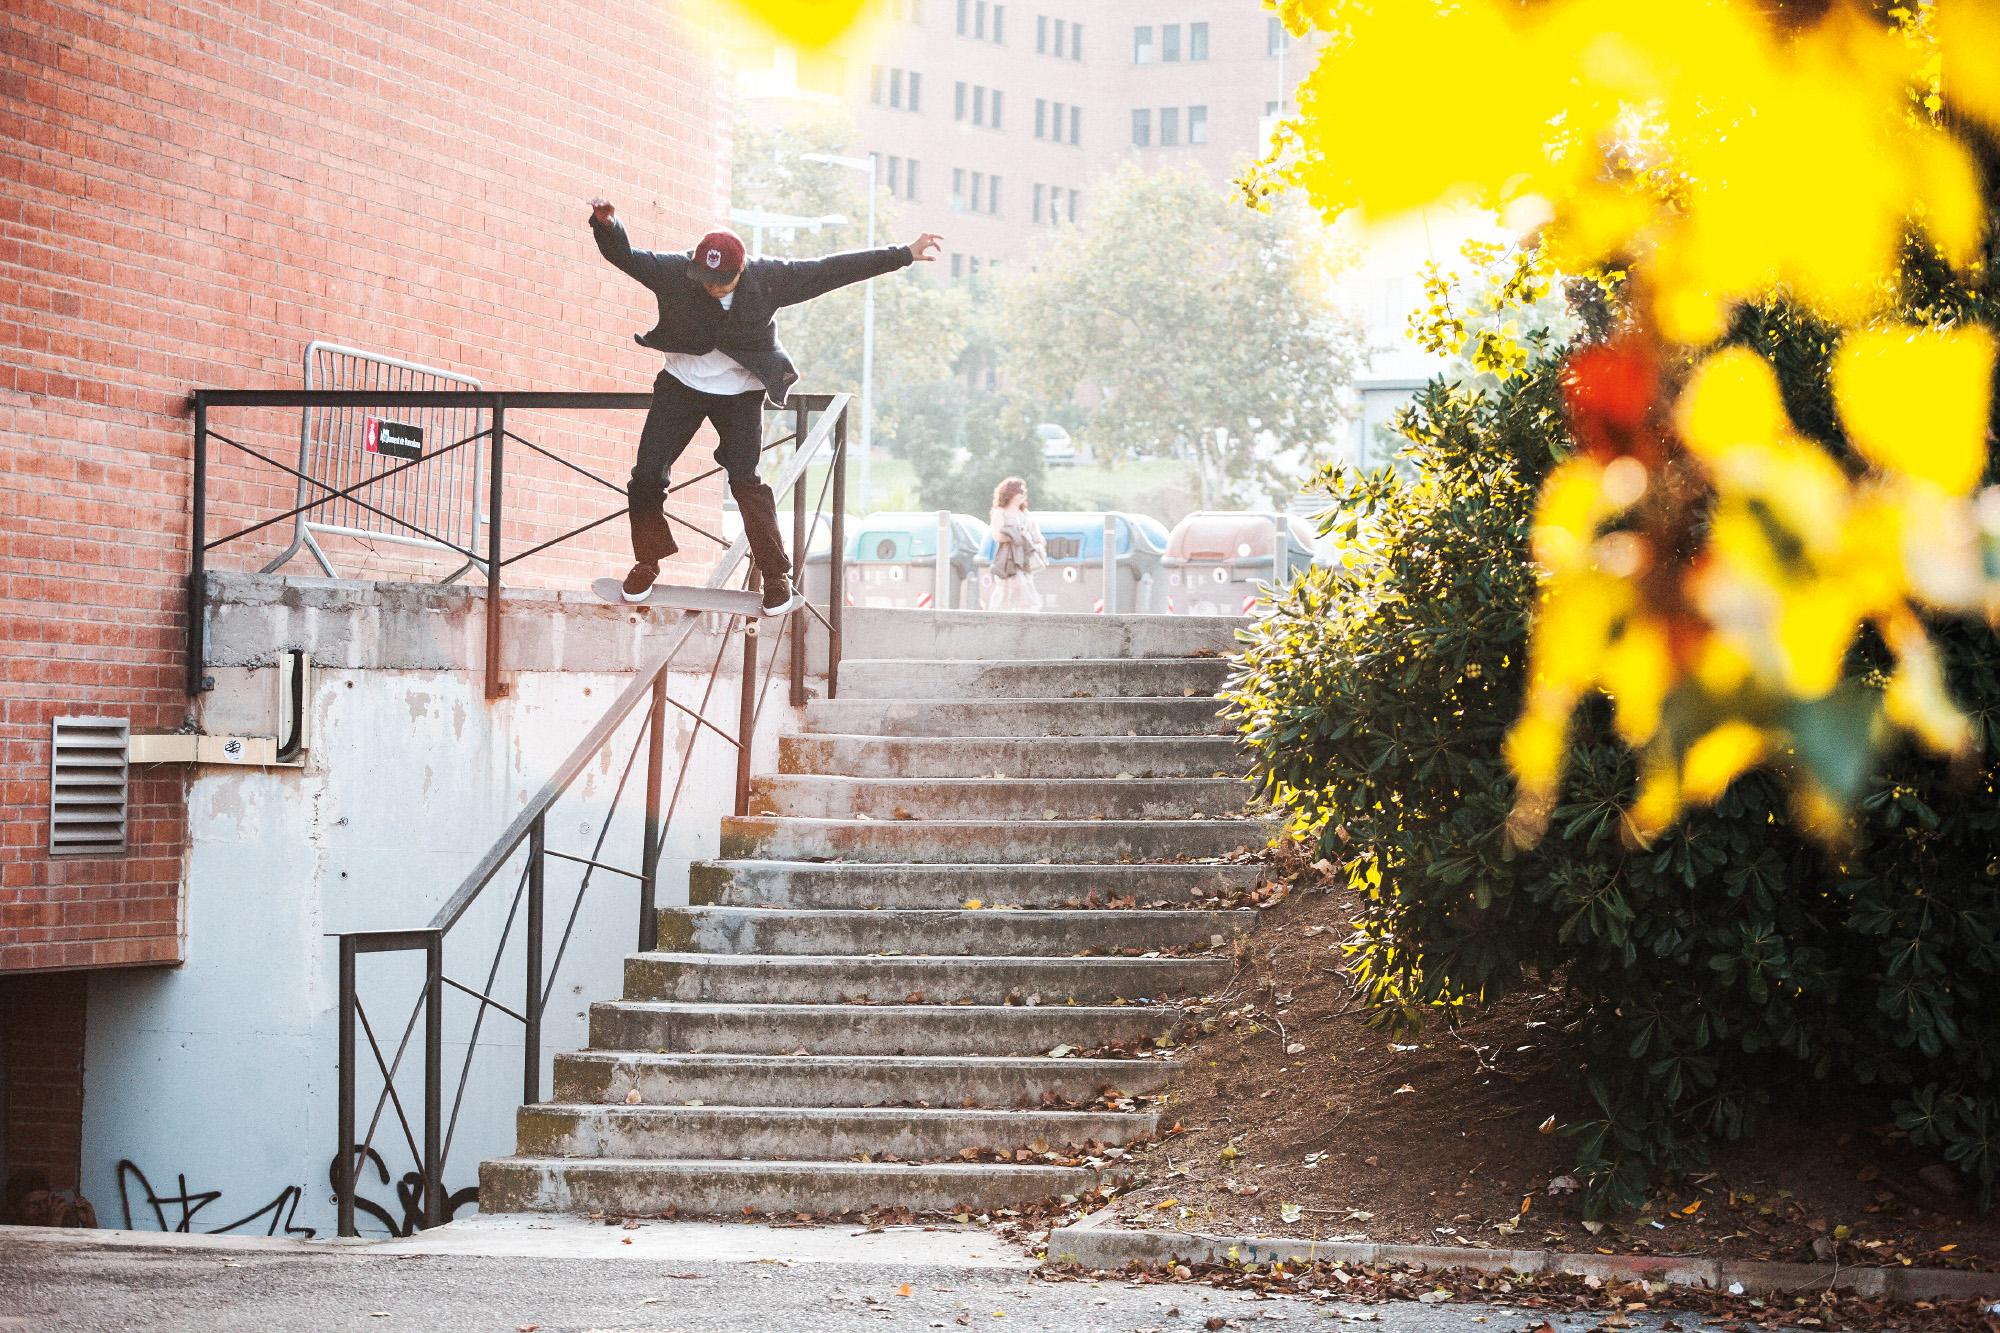 Stevie Perez_boardslide_BE Skate Mag_Skate Pic.jpg